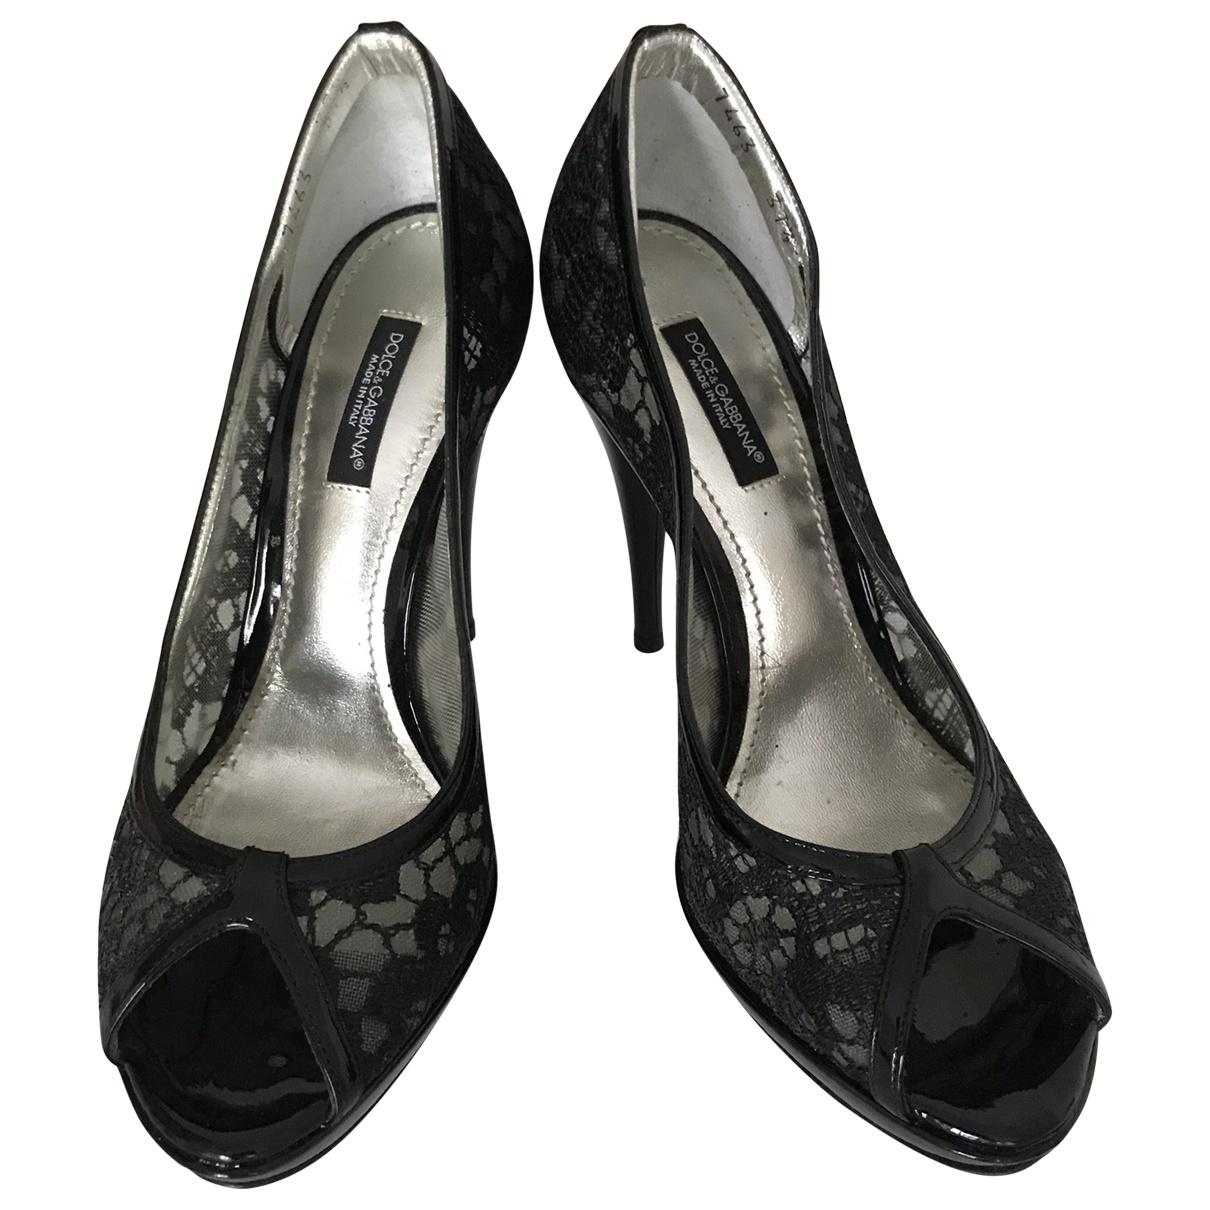 Dolce & Gabbana - Escarpins   pour femme en cuir verni - noir